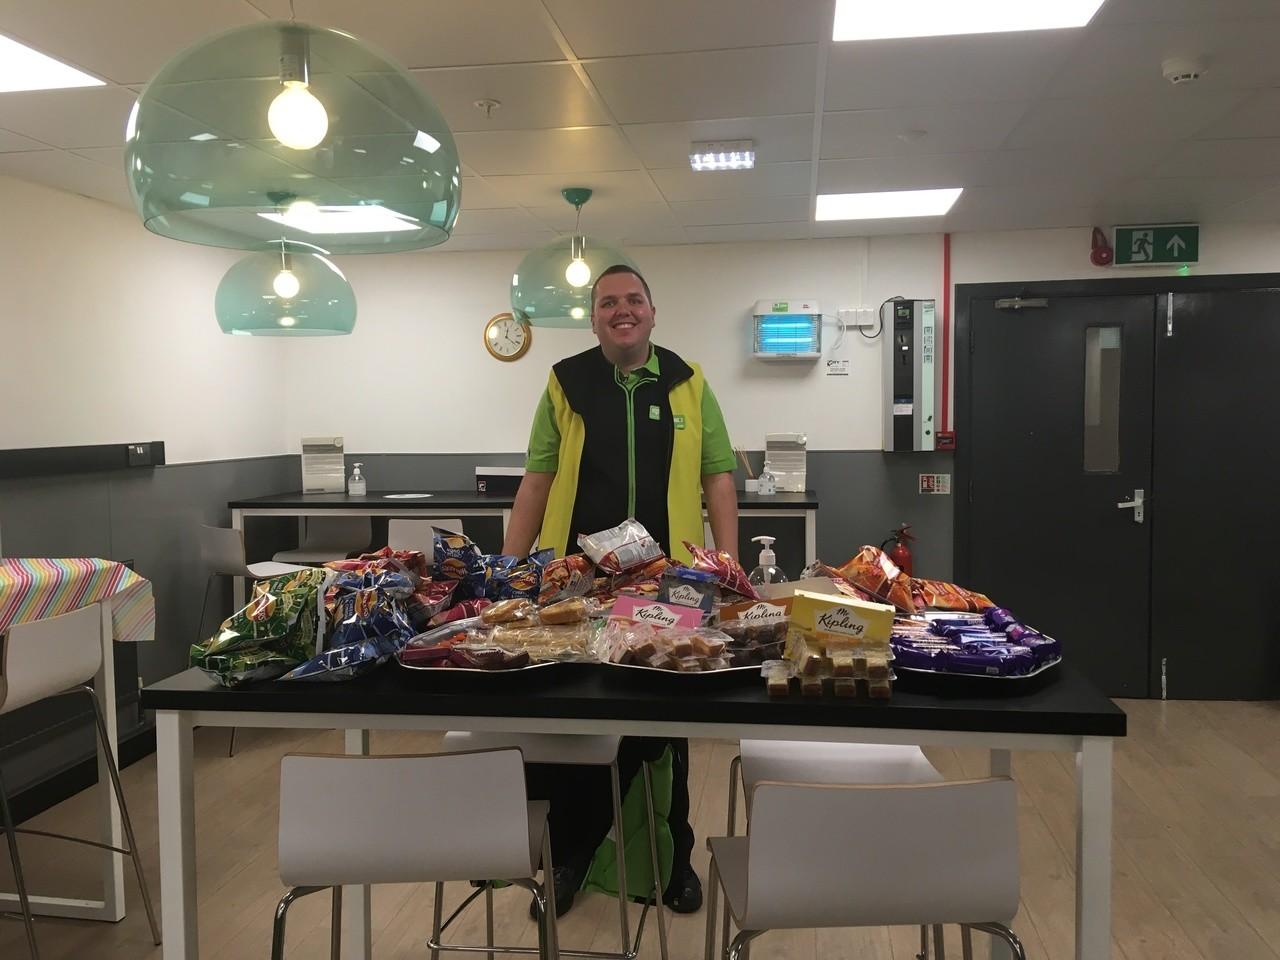 Colleague canteen treats | Asda Wheatley